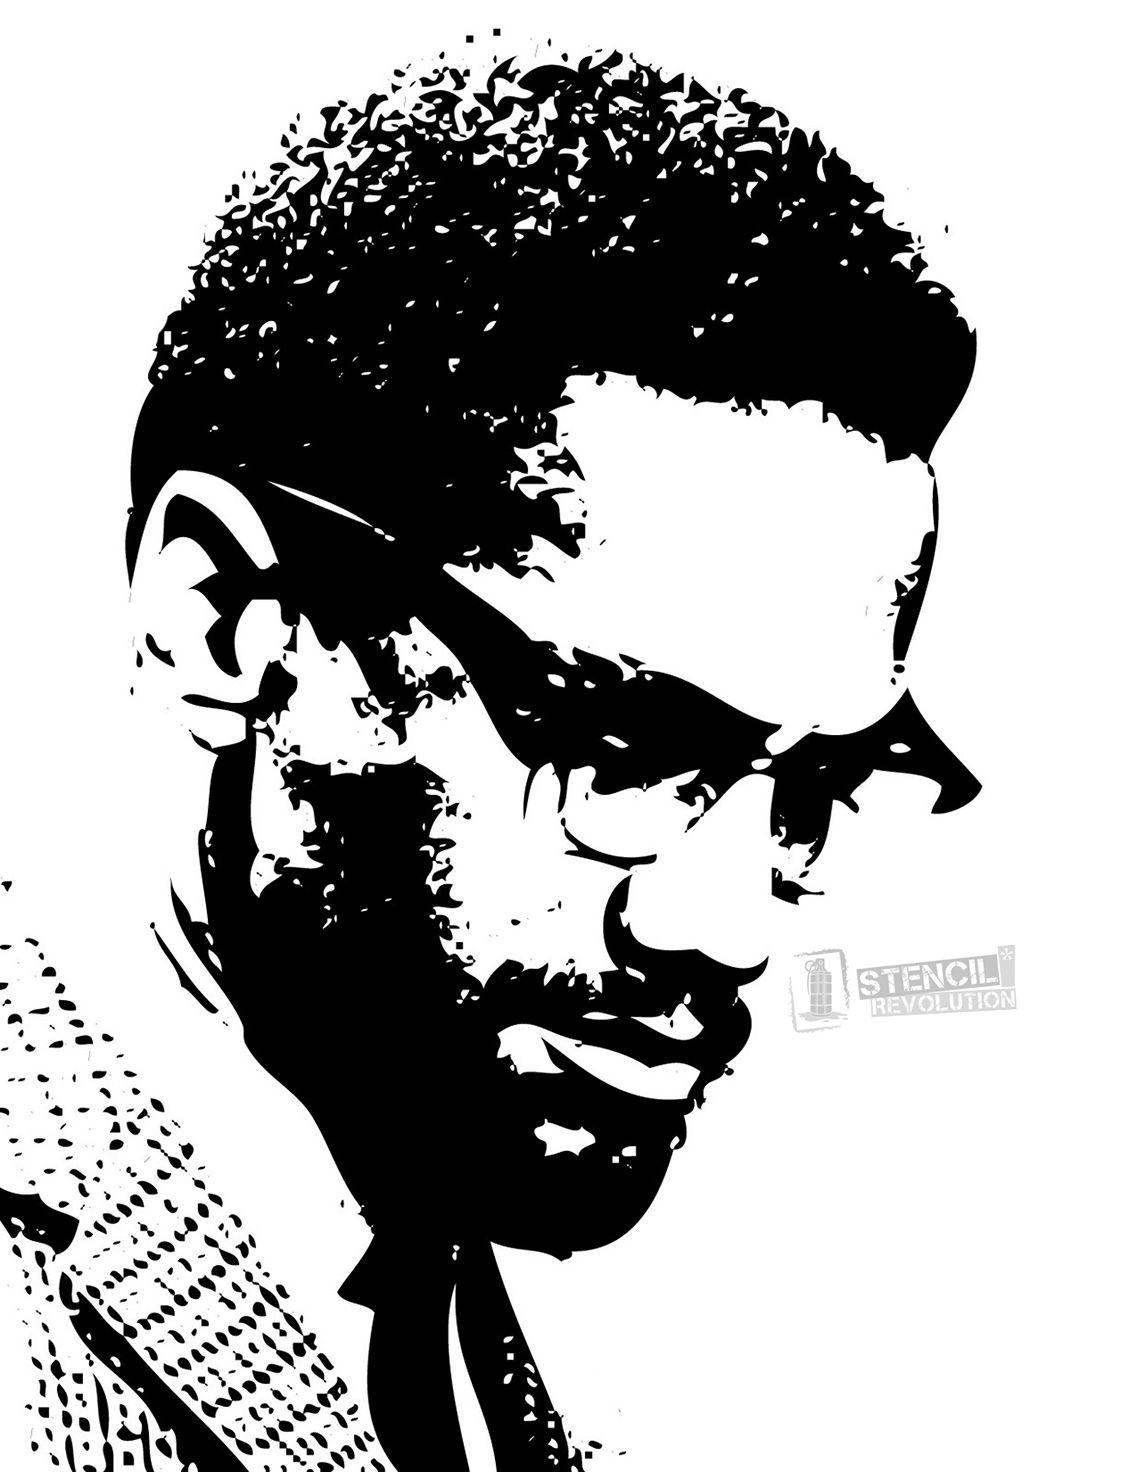 Malcolm X Stencils On Stencil Revolution